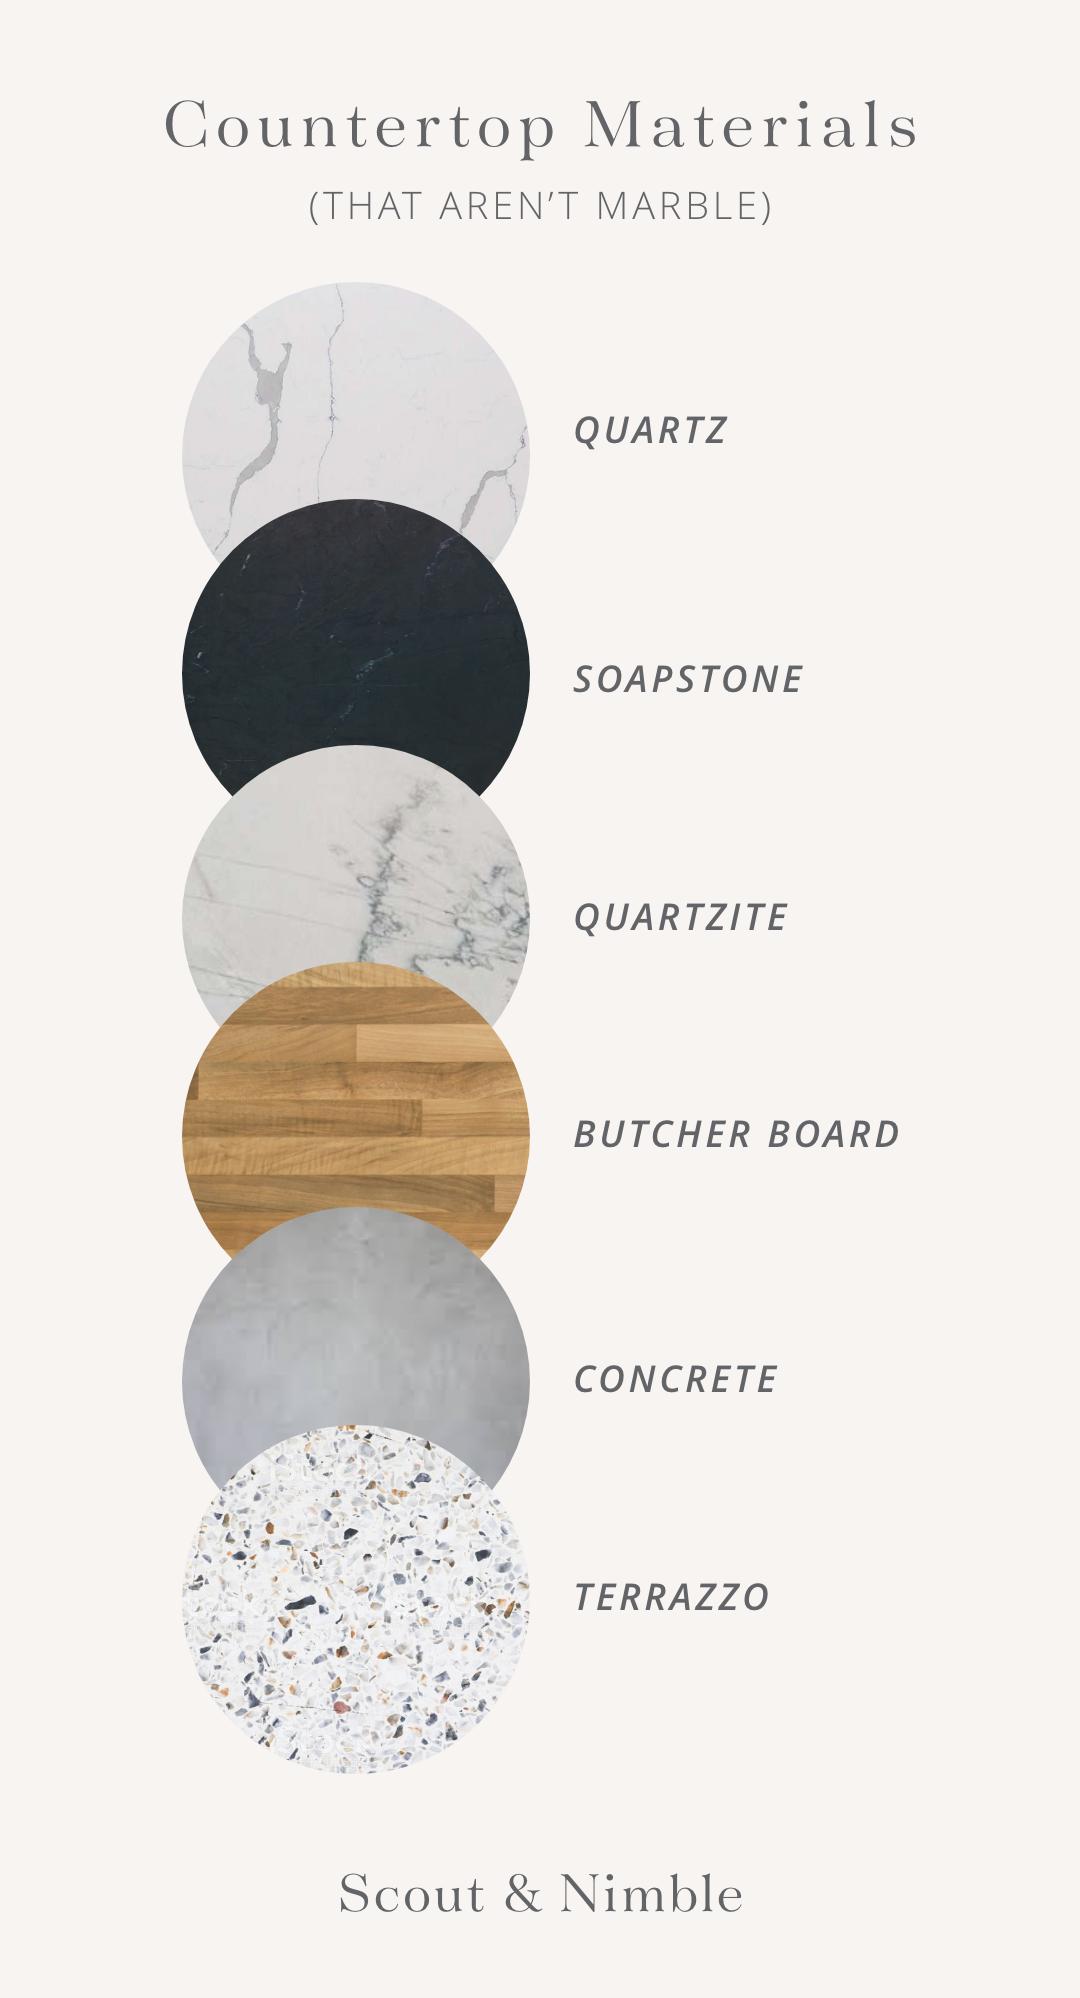 counter-top-marble-alternatives-scout-and-nimble-soap-stone-soapstone-quartz-quartzite-butcherboard-butcher-board-concrete-terrazzo.png